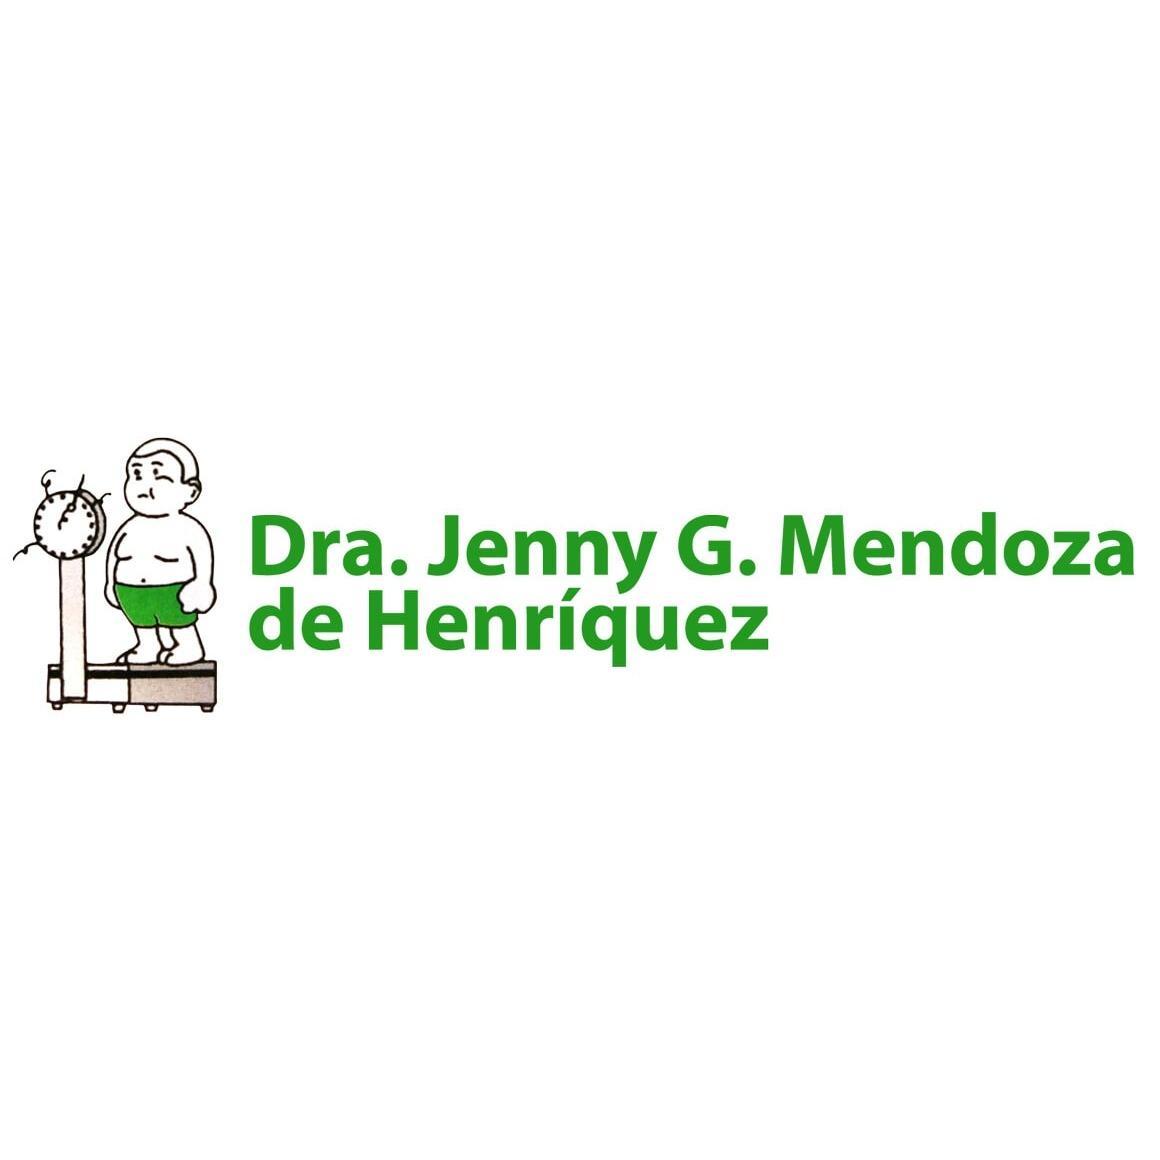 Dra. Jenny G. Mendoza